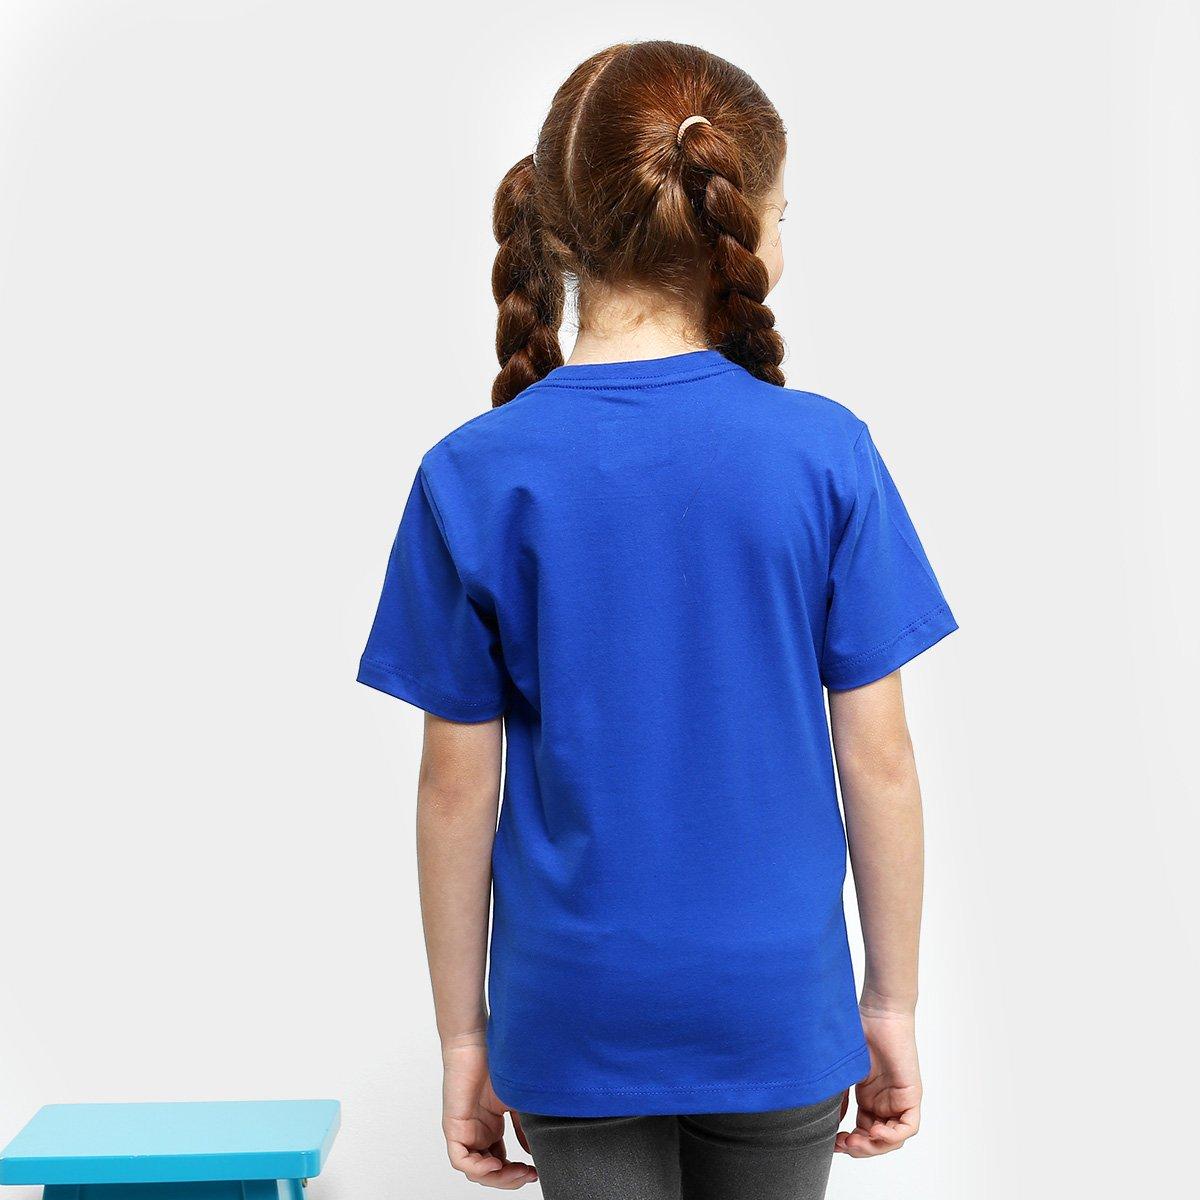 Infantil Cabuloso Azul Cruzeiro Camiseta Cruzeiro Azul Cabuloso Camiseta Infantil 6WHUUa